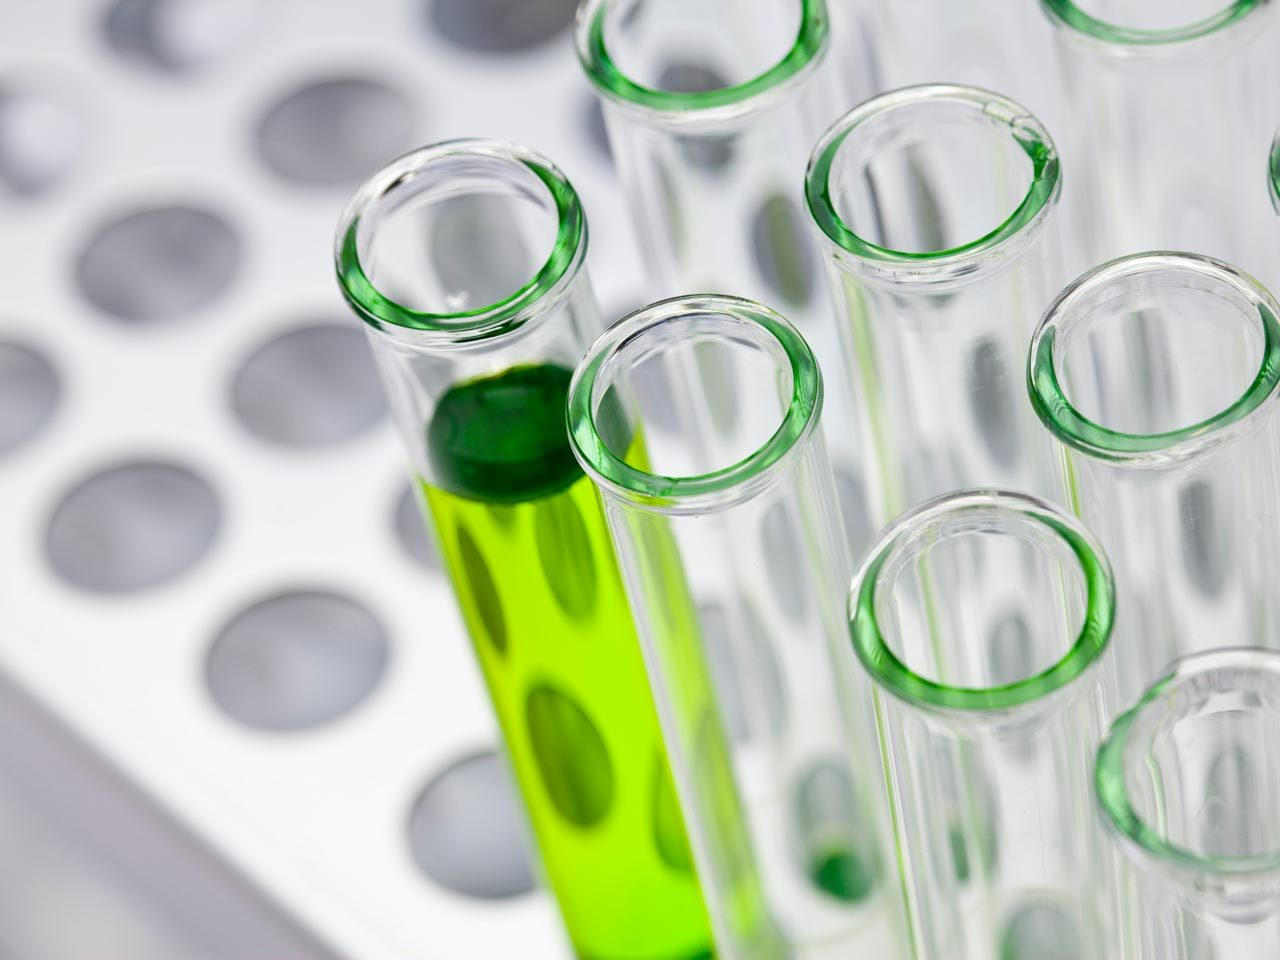 ZDHC fondation chimie verte